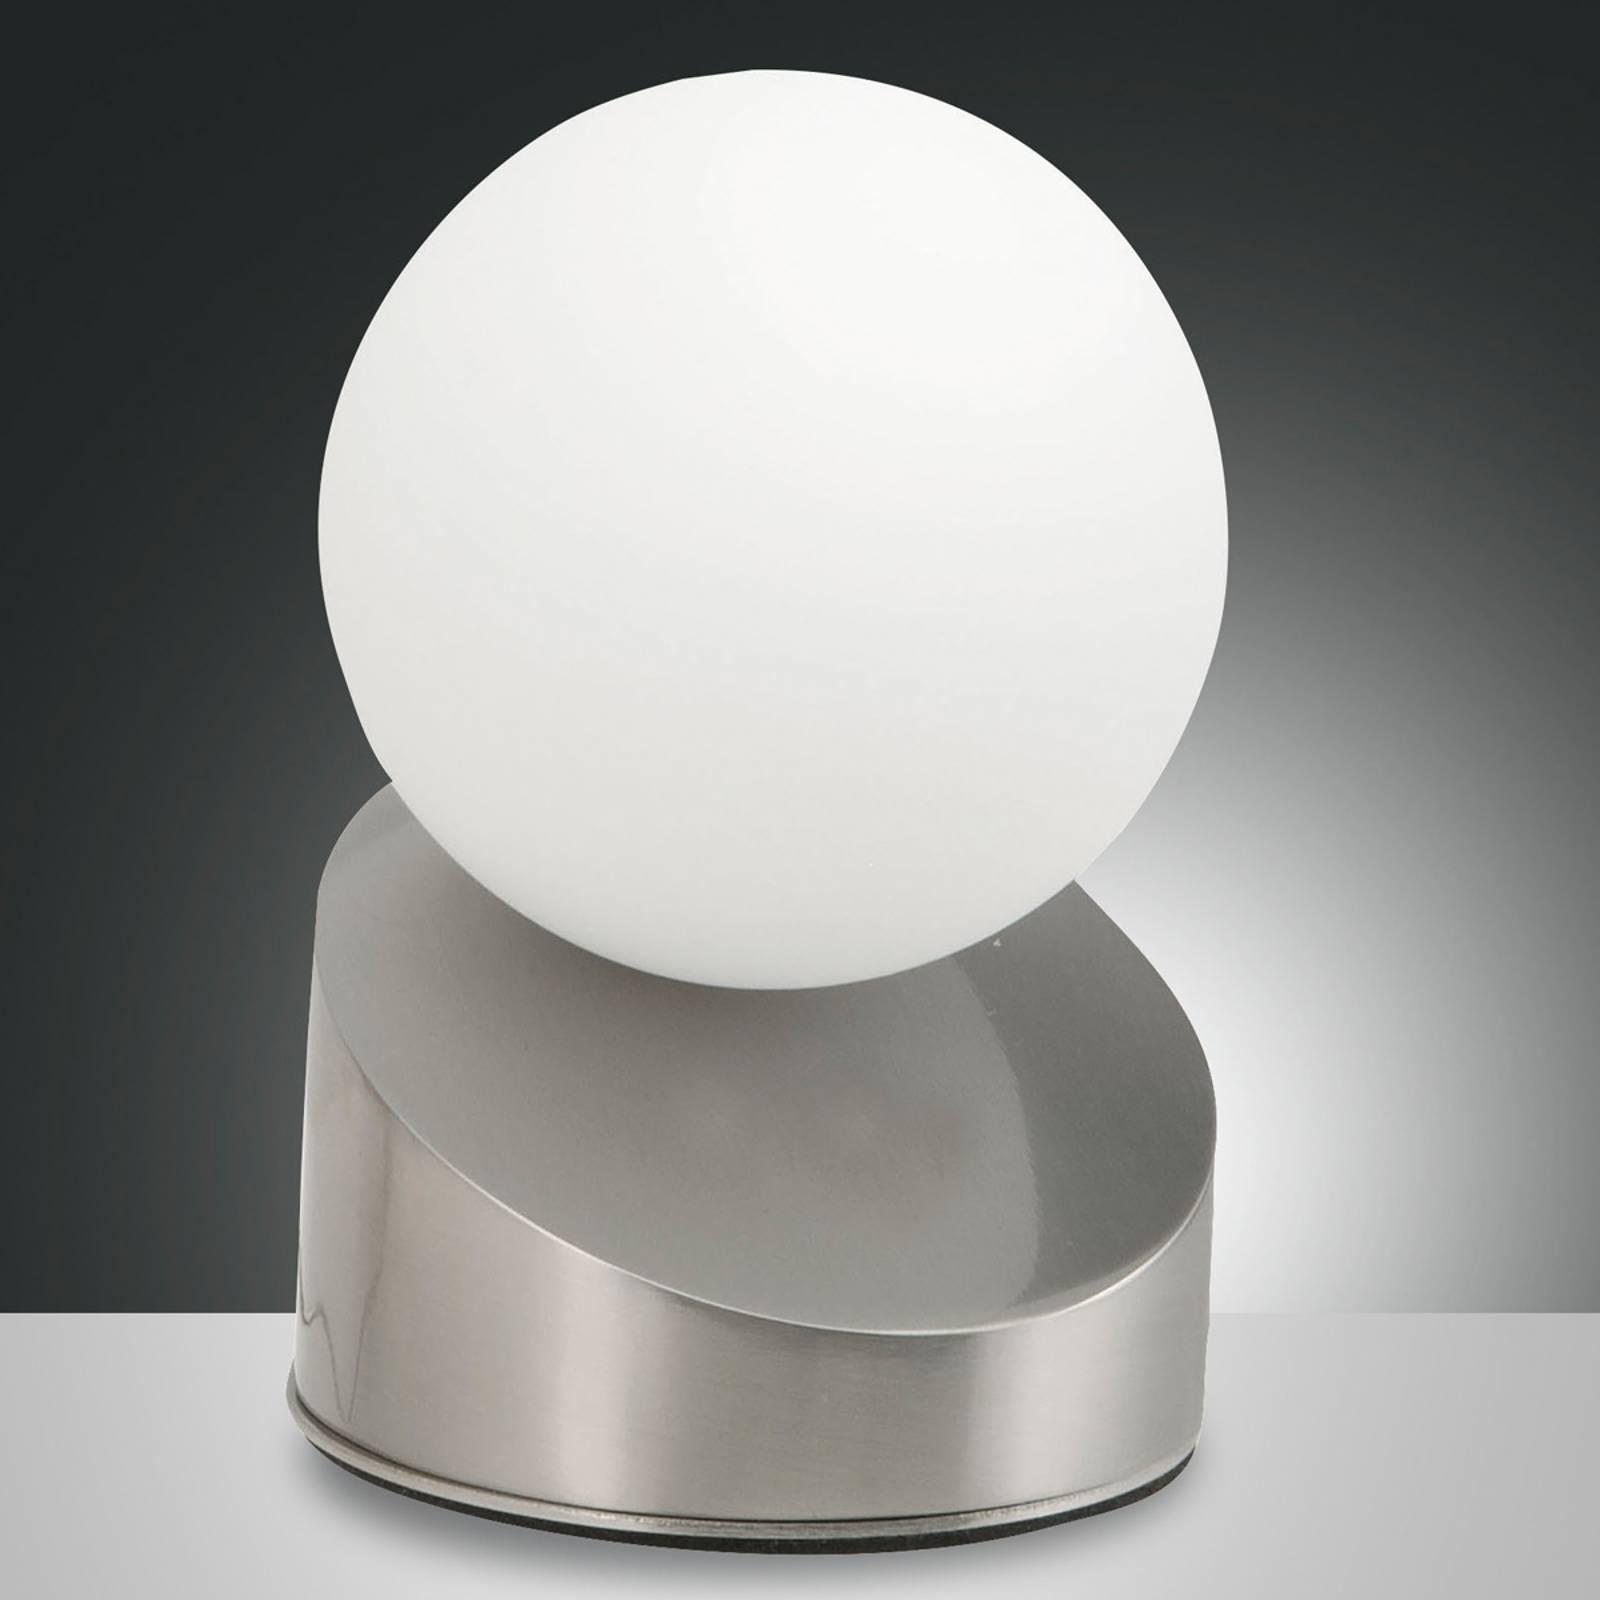 Kaunis Gravity-LED-pöytävalaisin, nikkelinvärinen